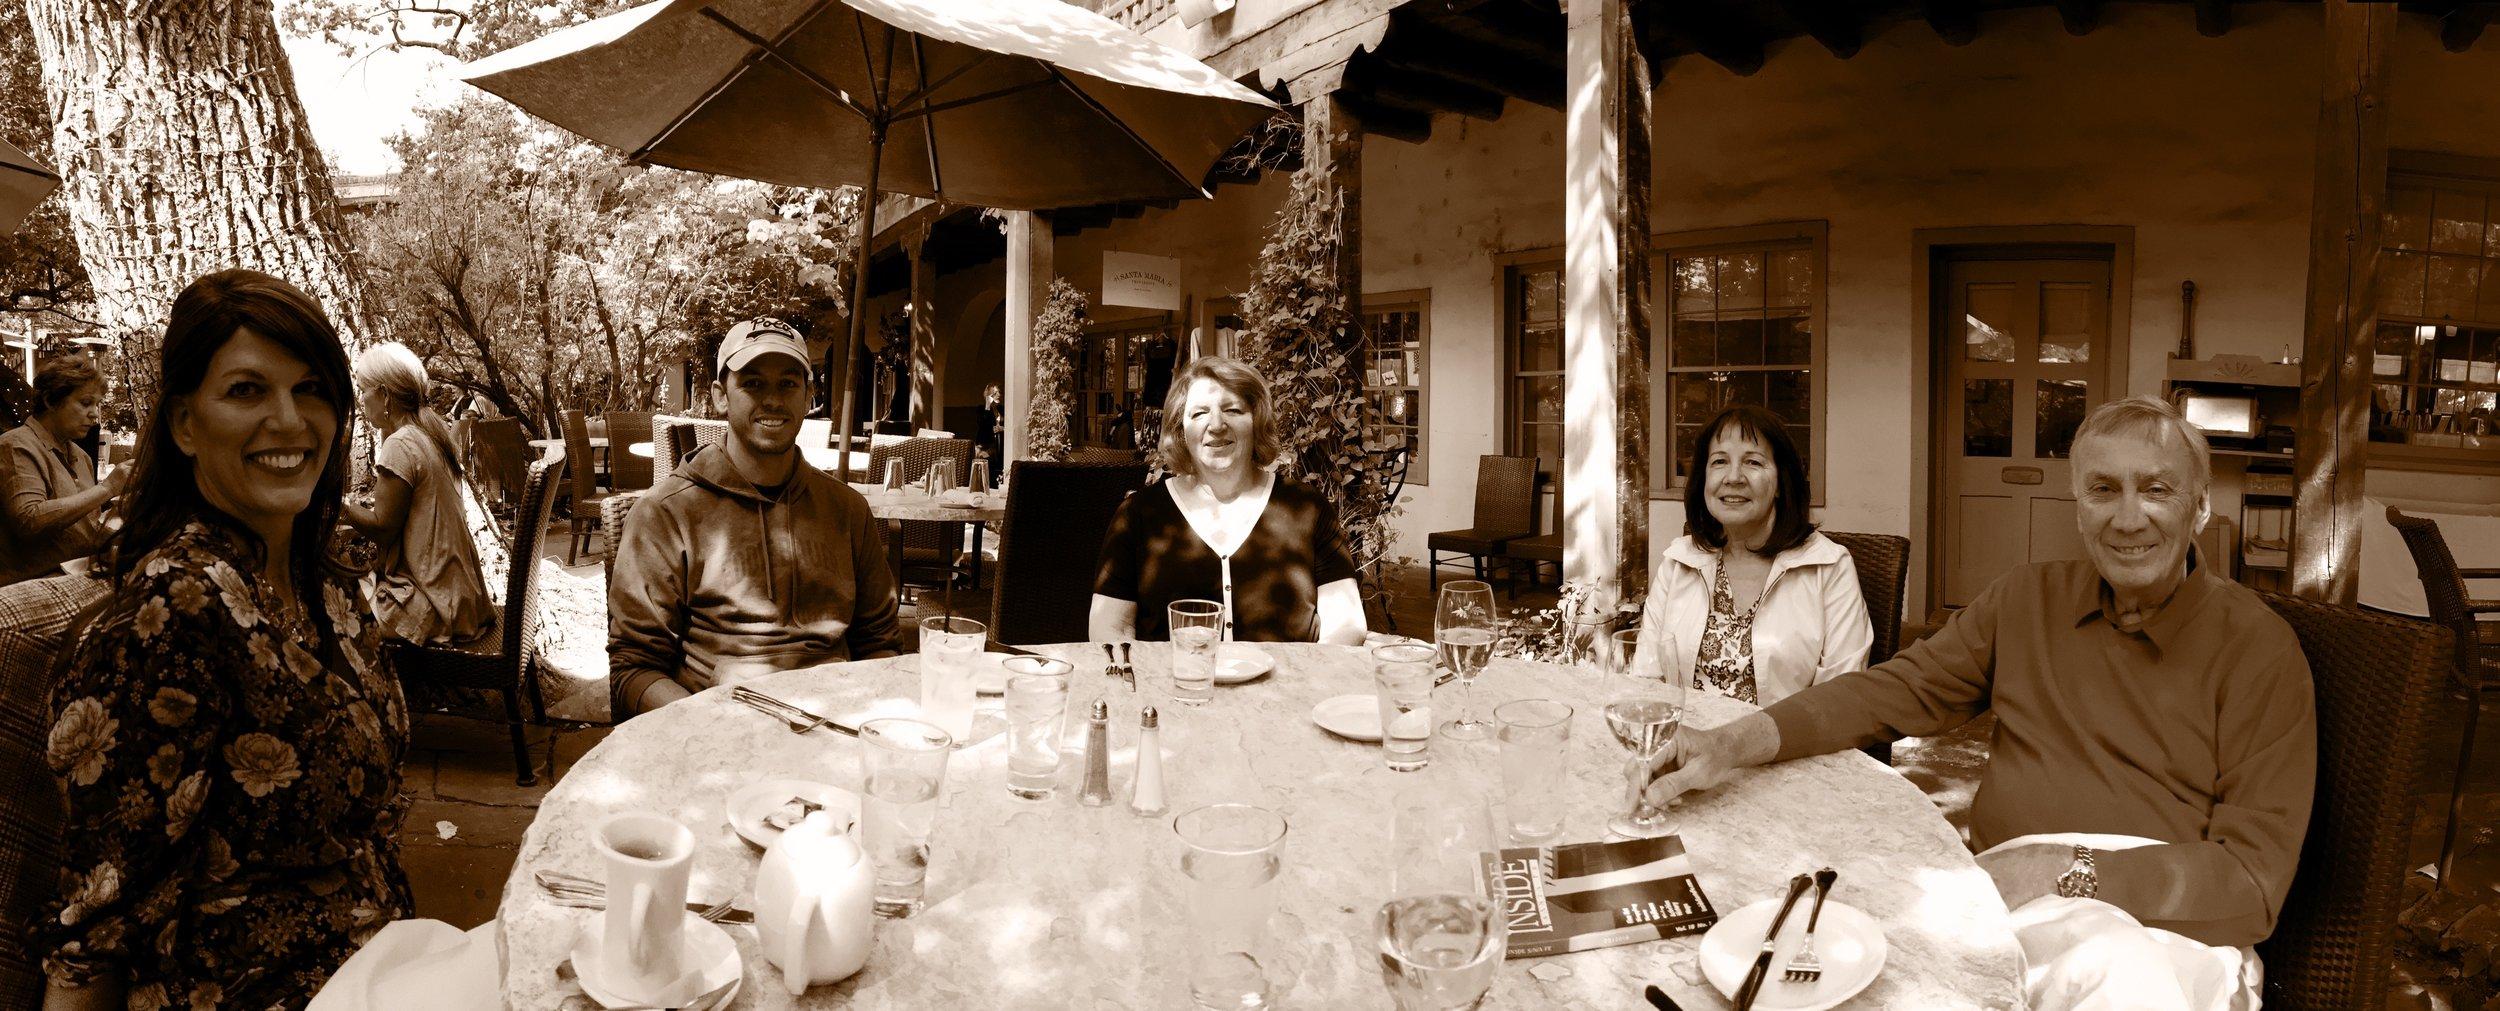 isabel, her cousins Jarred, her mom, Alette, and the Giltner in Santa Fe 2017